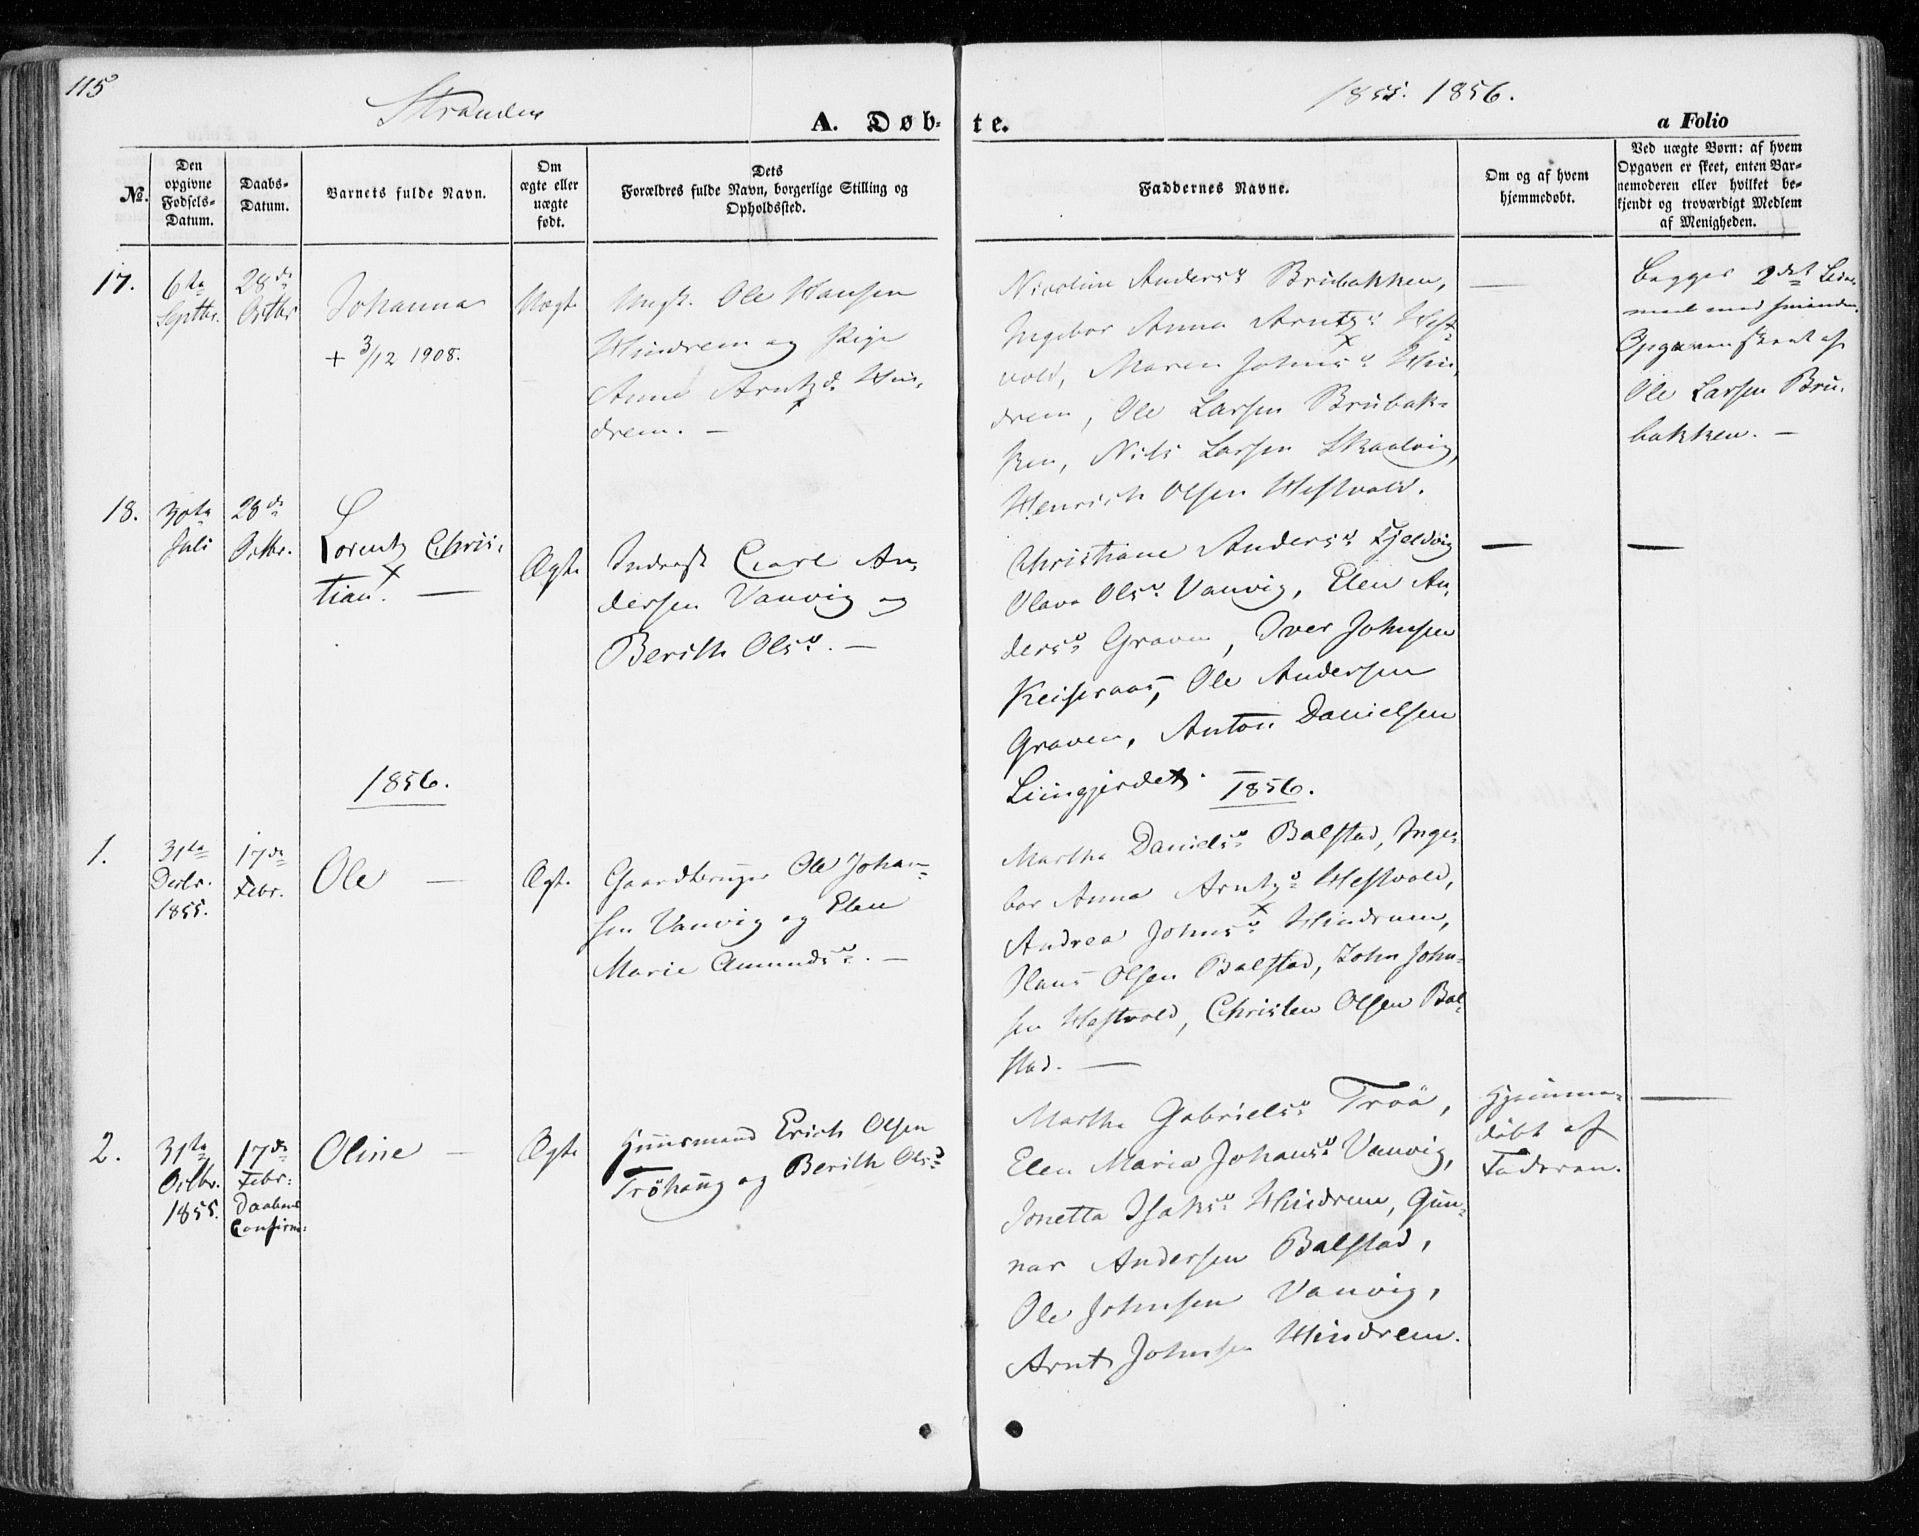 SAT, Ministerialprotokoller, klokkerbøker og fødselsregistre - Nord-Trøndelag, 701/L0008: Ministerialbok nr. 701A08 /2, 1854-1863, s. 115